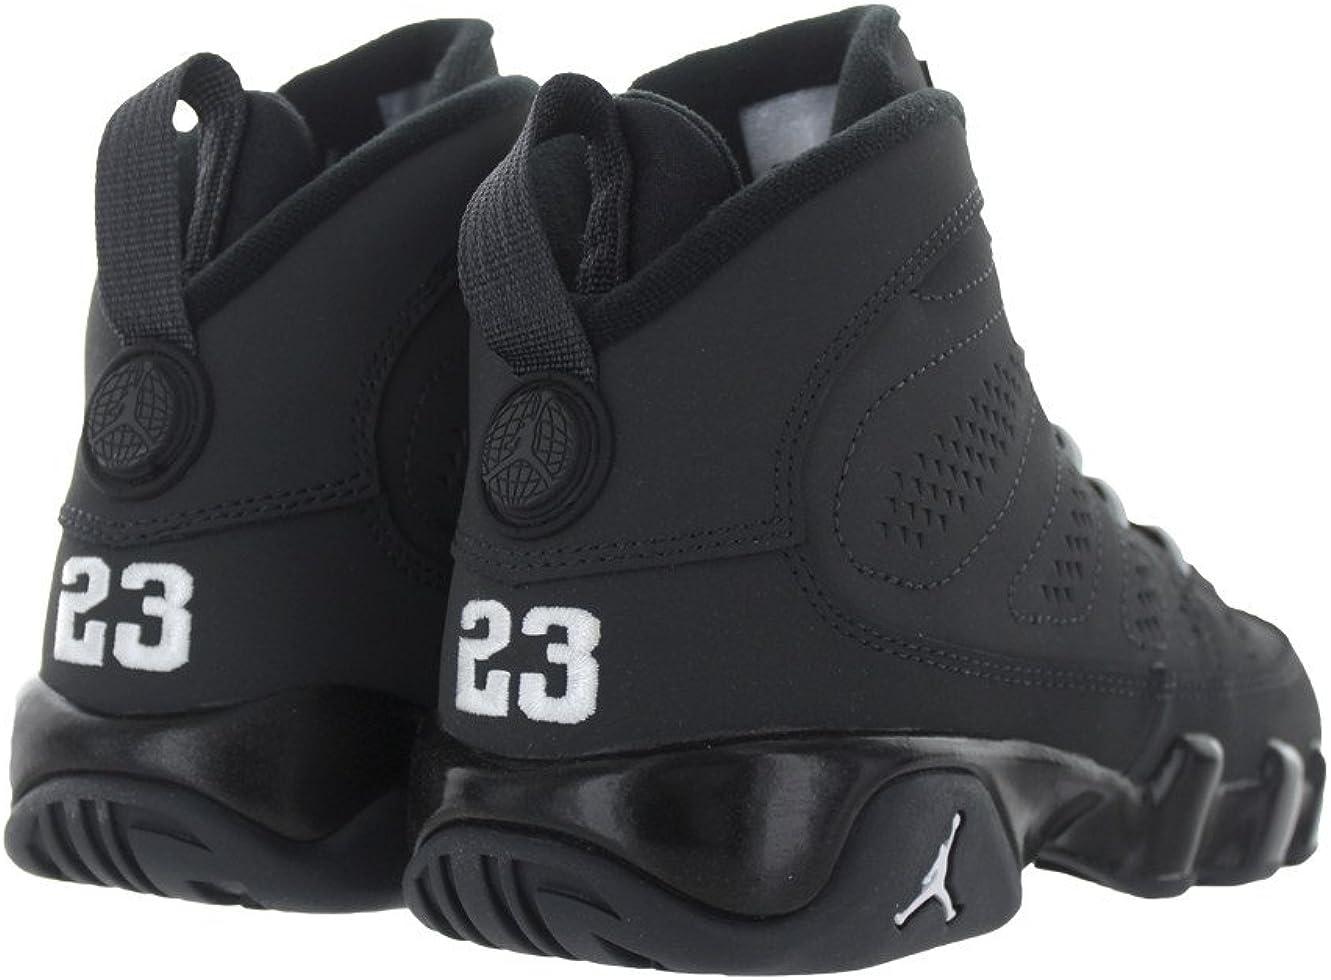 Air Jordan 9 Retro 'Anthracite'